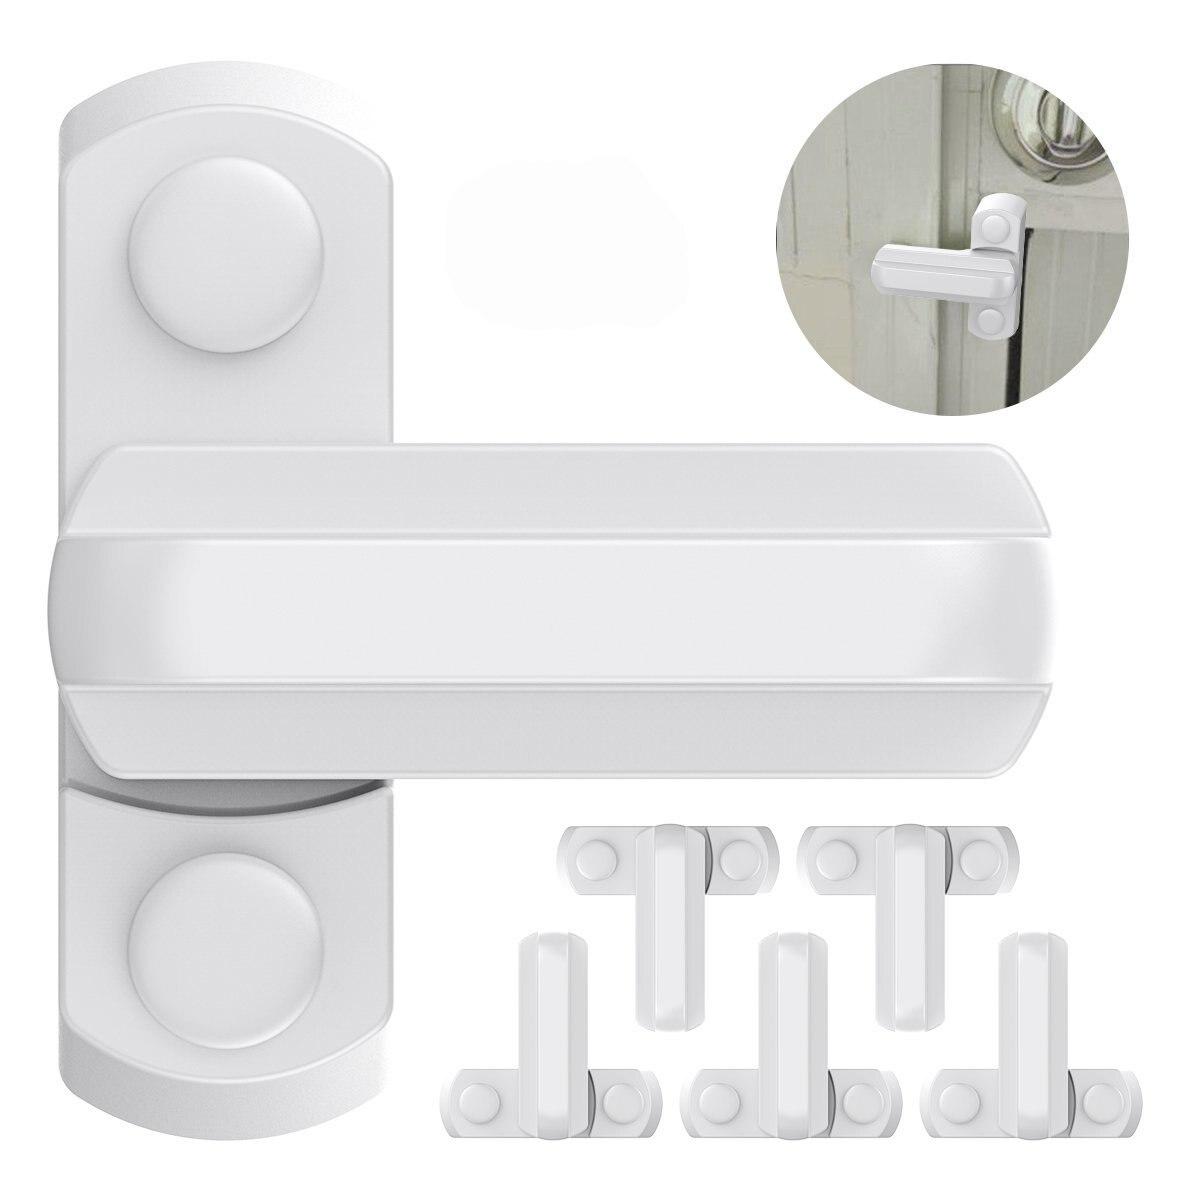 6 pcs Branco Liga de Zinco Segurança Janela Janela de Bloqueio em Forma de T/maçaneta Da Porta jammer Faixa de Bloqueio Trava Lidar Com Criança proteção